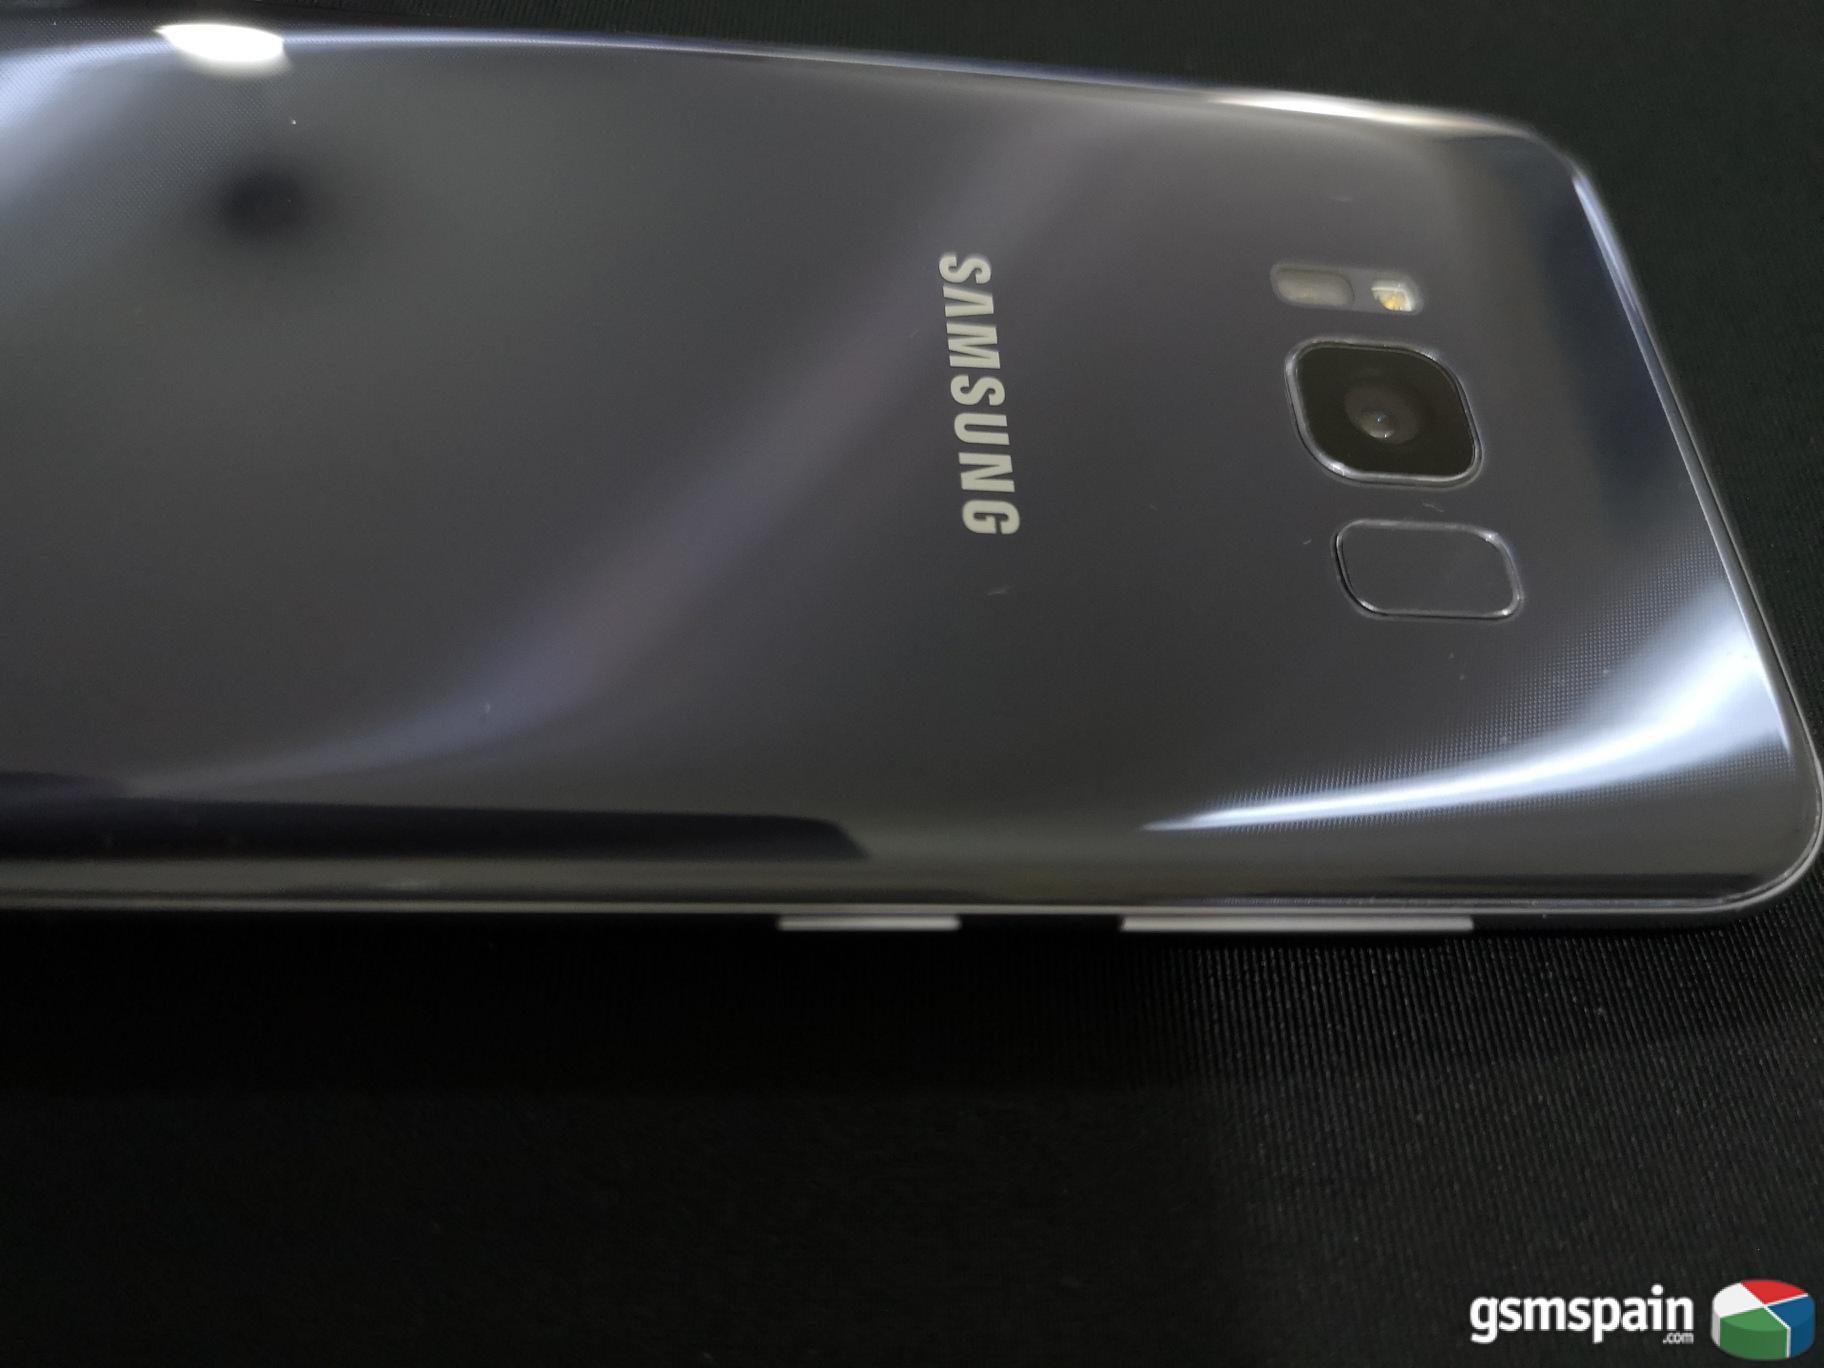 [VENDO] Samsung S8 Orchid Gray 64 GB